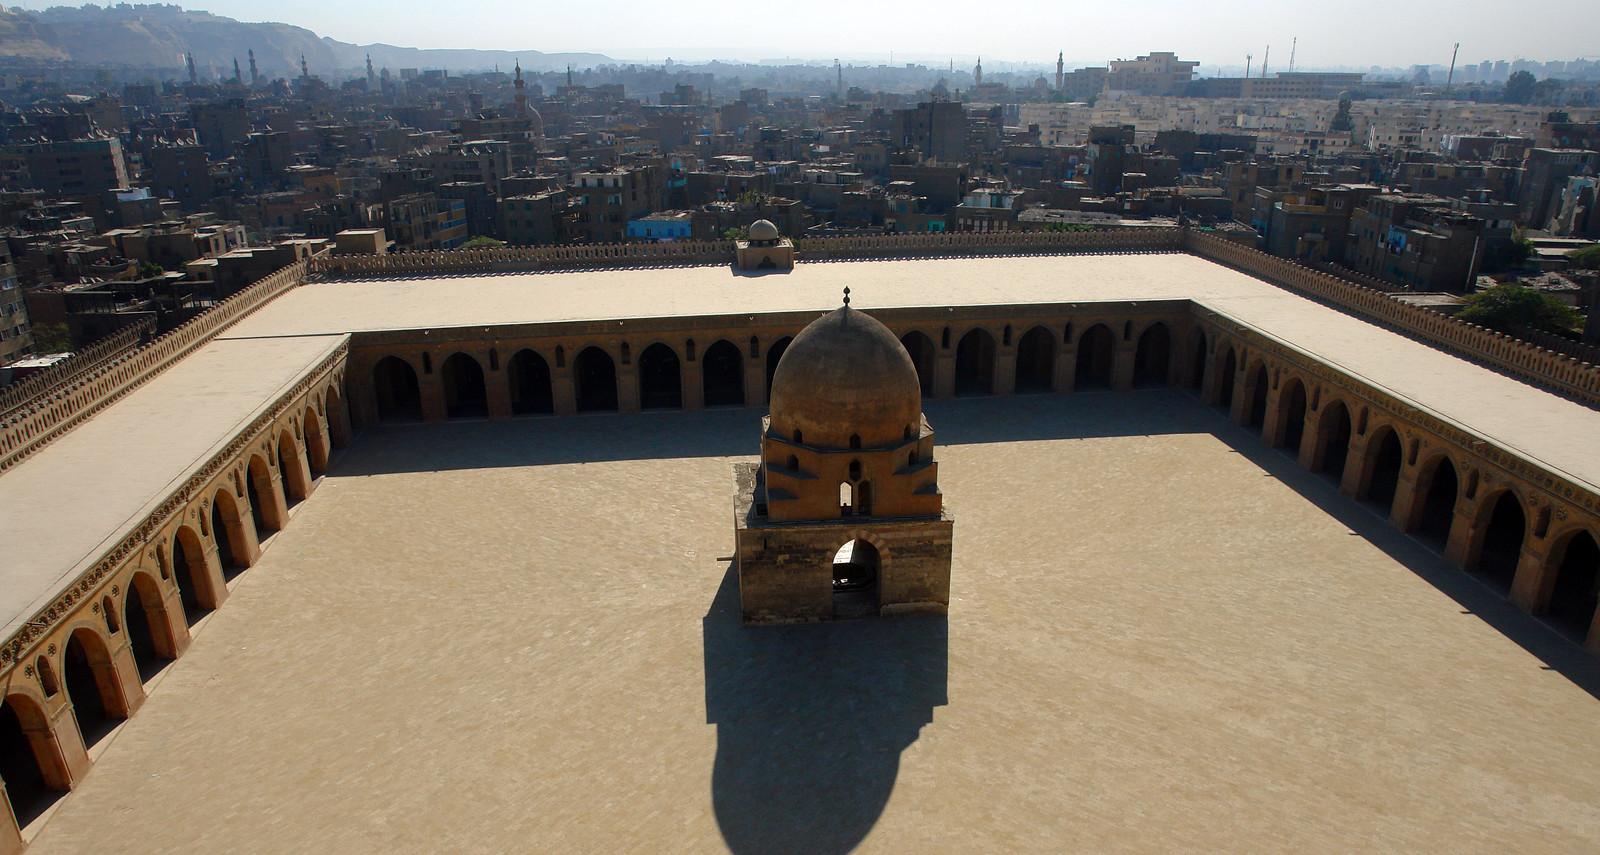 Qué ver en El Cairo, Egipto lugares que visitar en el cairo - 40100573235 84bb56d393 h - 10+1 lugares que visitar en El Cairo